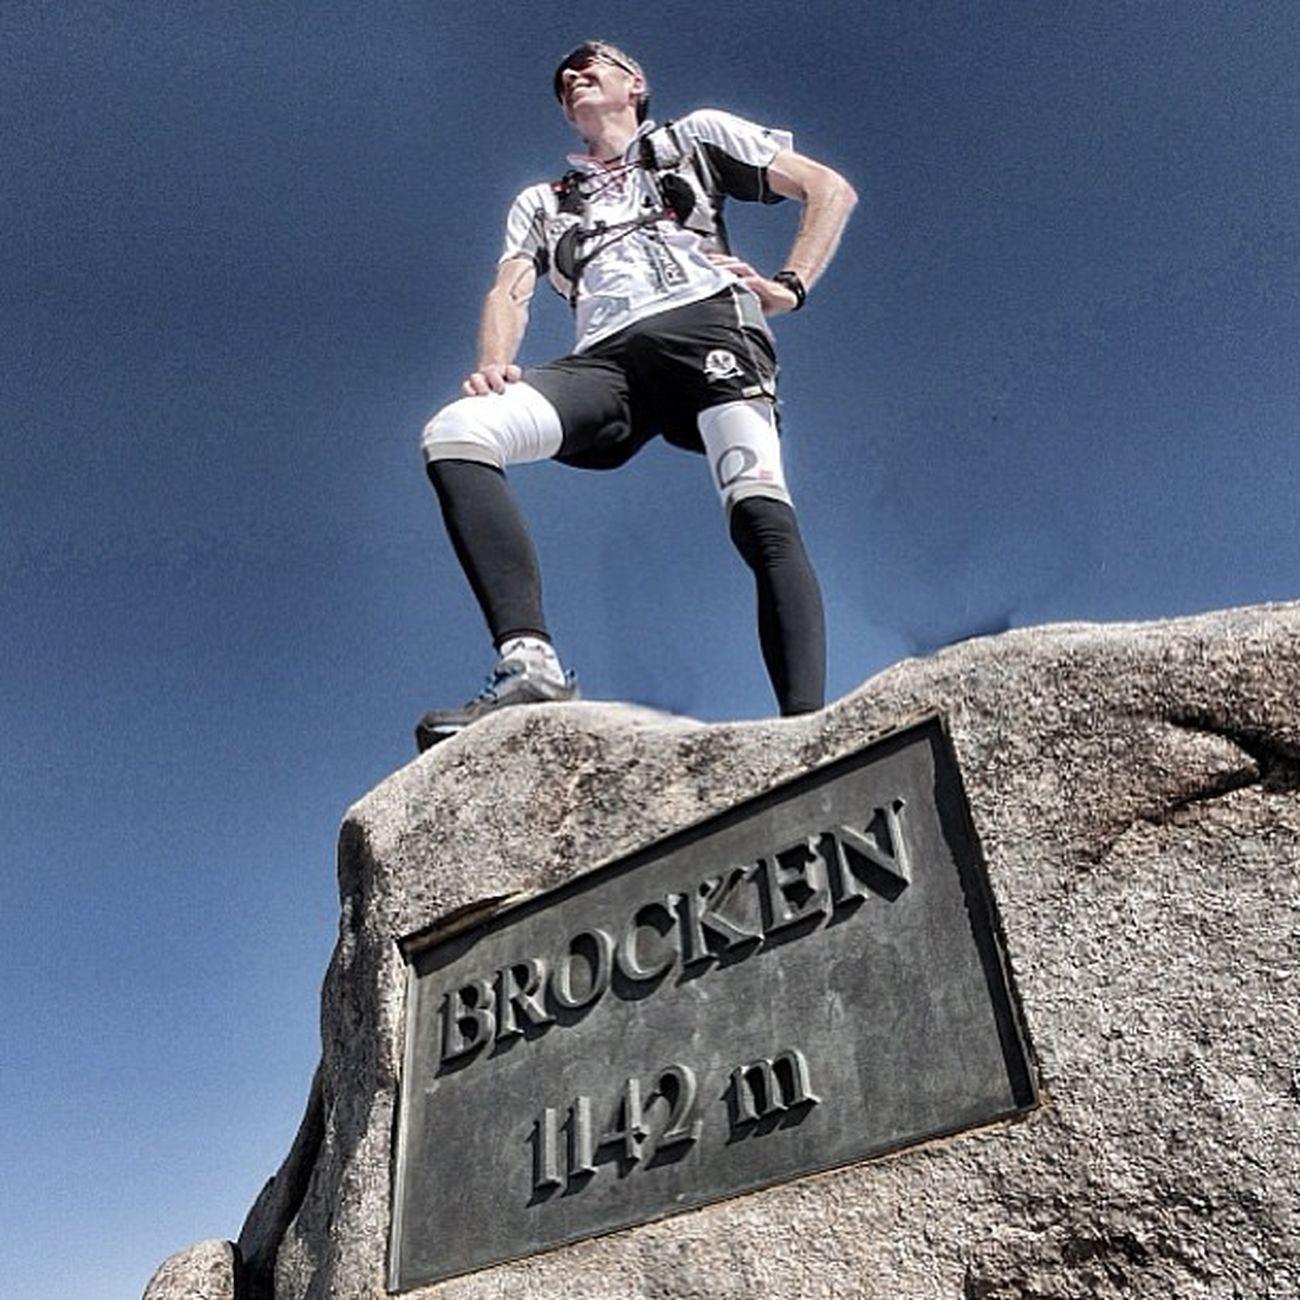 3. PfingstBrockenlauf Sklblog Pfingsten Brocken Trail Trailrunning Ilsenburg Teamraidlight Sklonrunning Onrunning Sziols Xkross